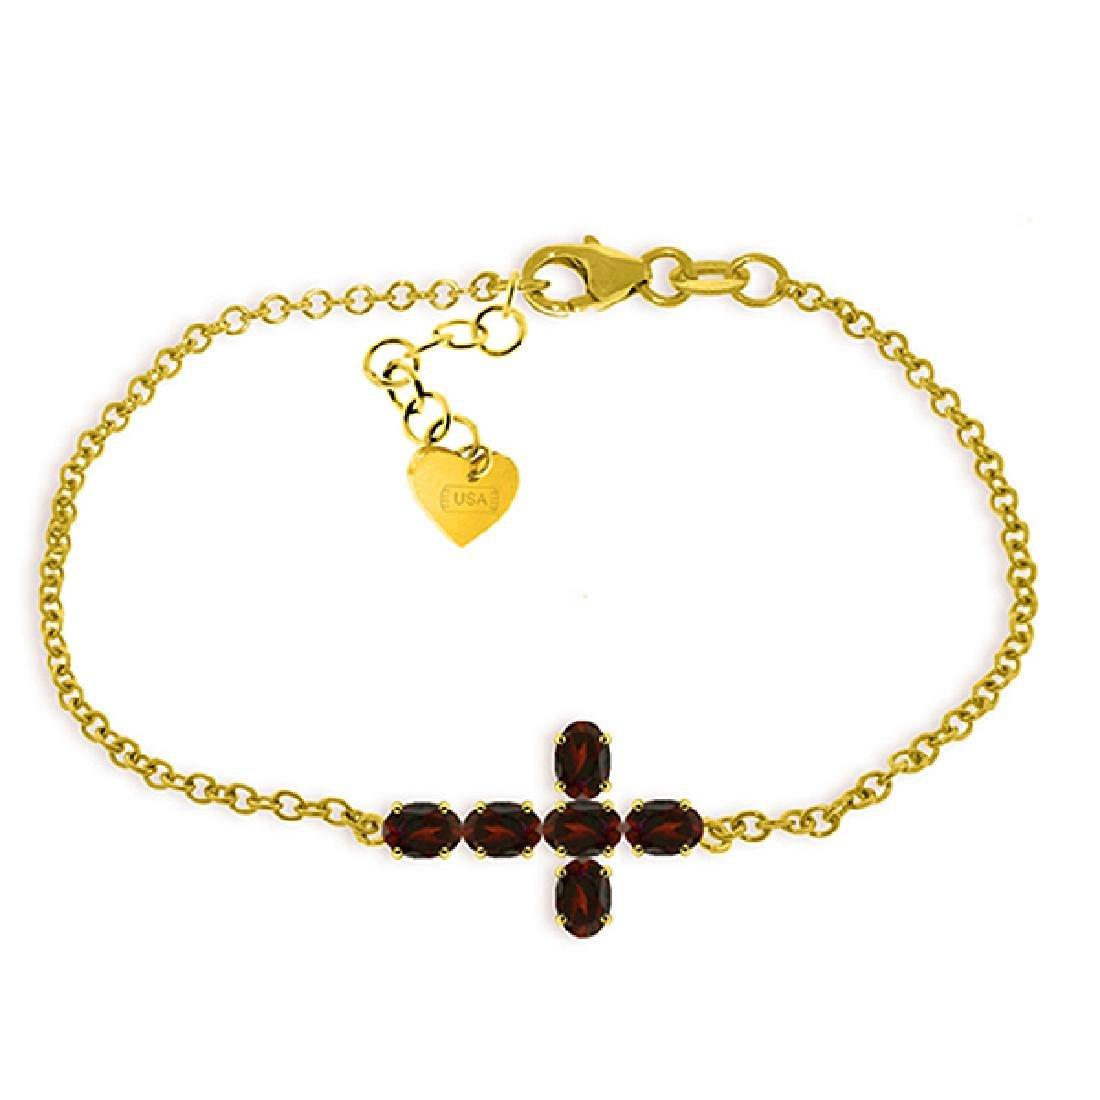 Genuine 1.70 ctw Garnet Bracelet Jewelry 14KT Yellow